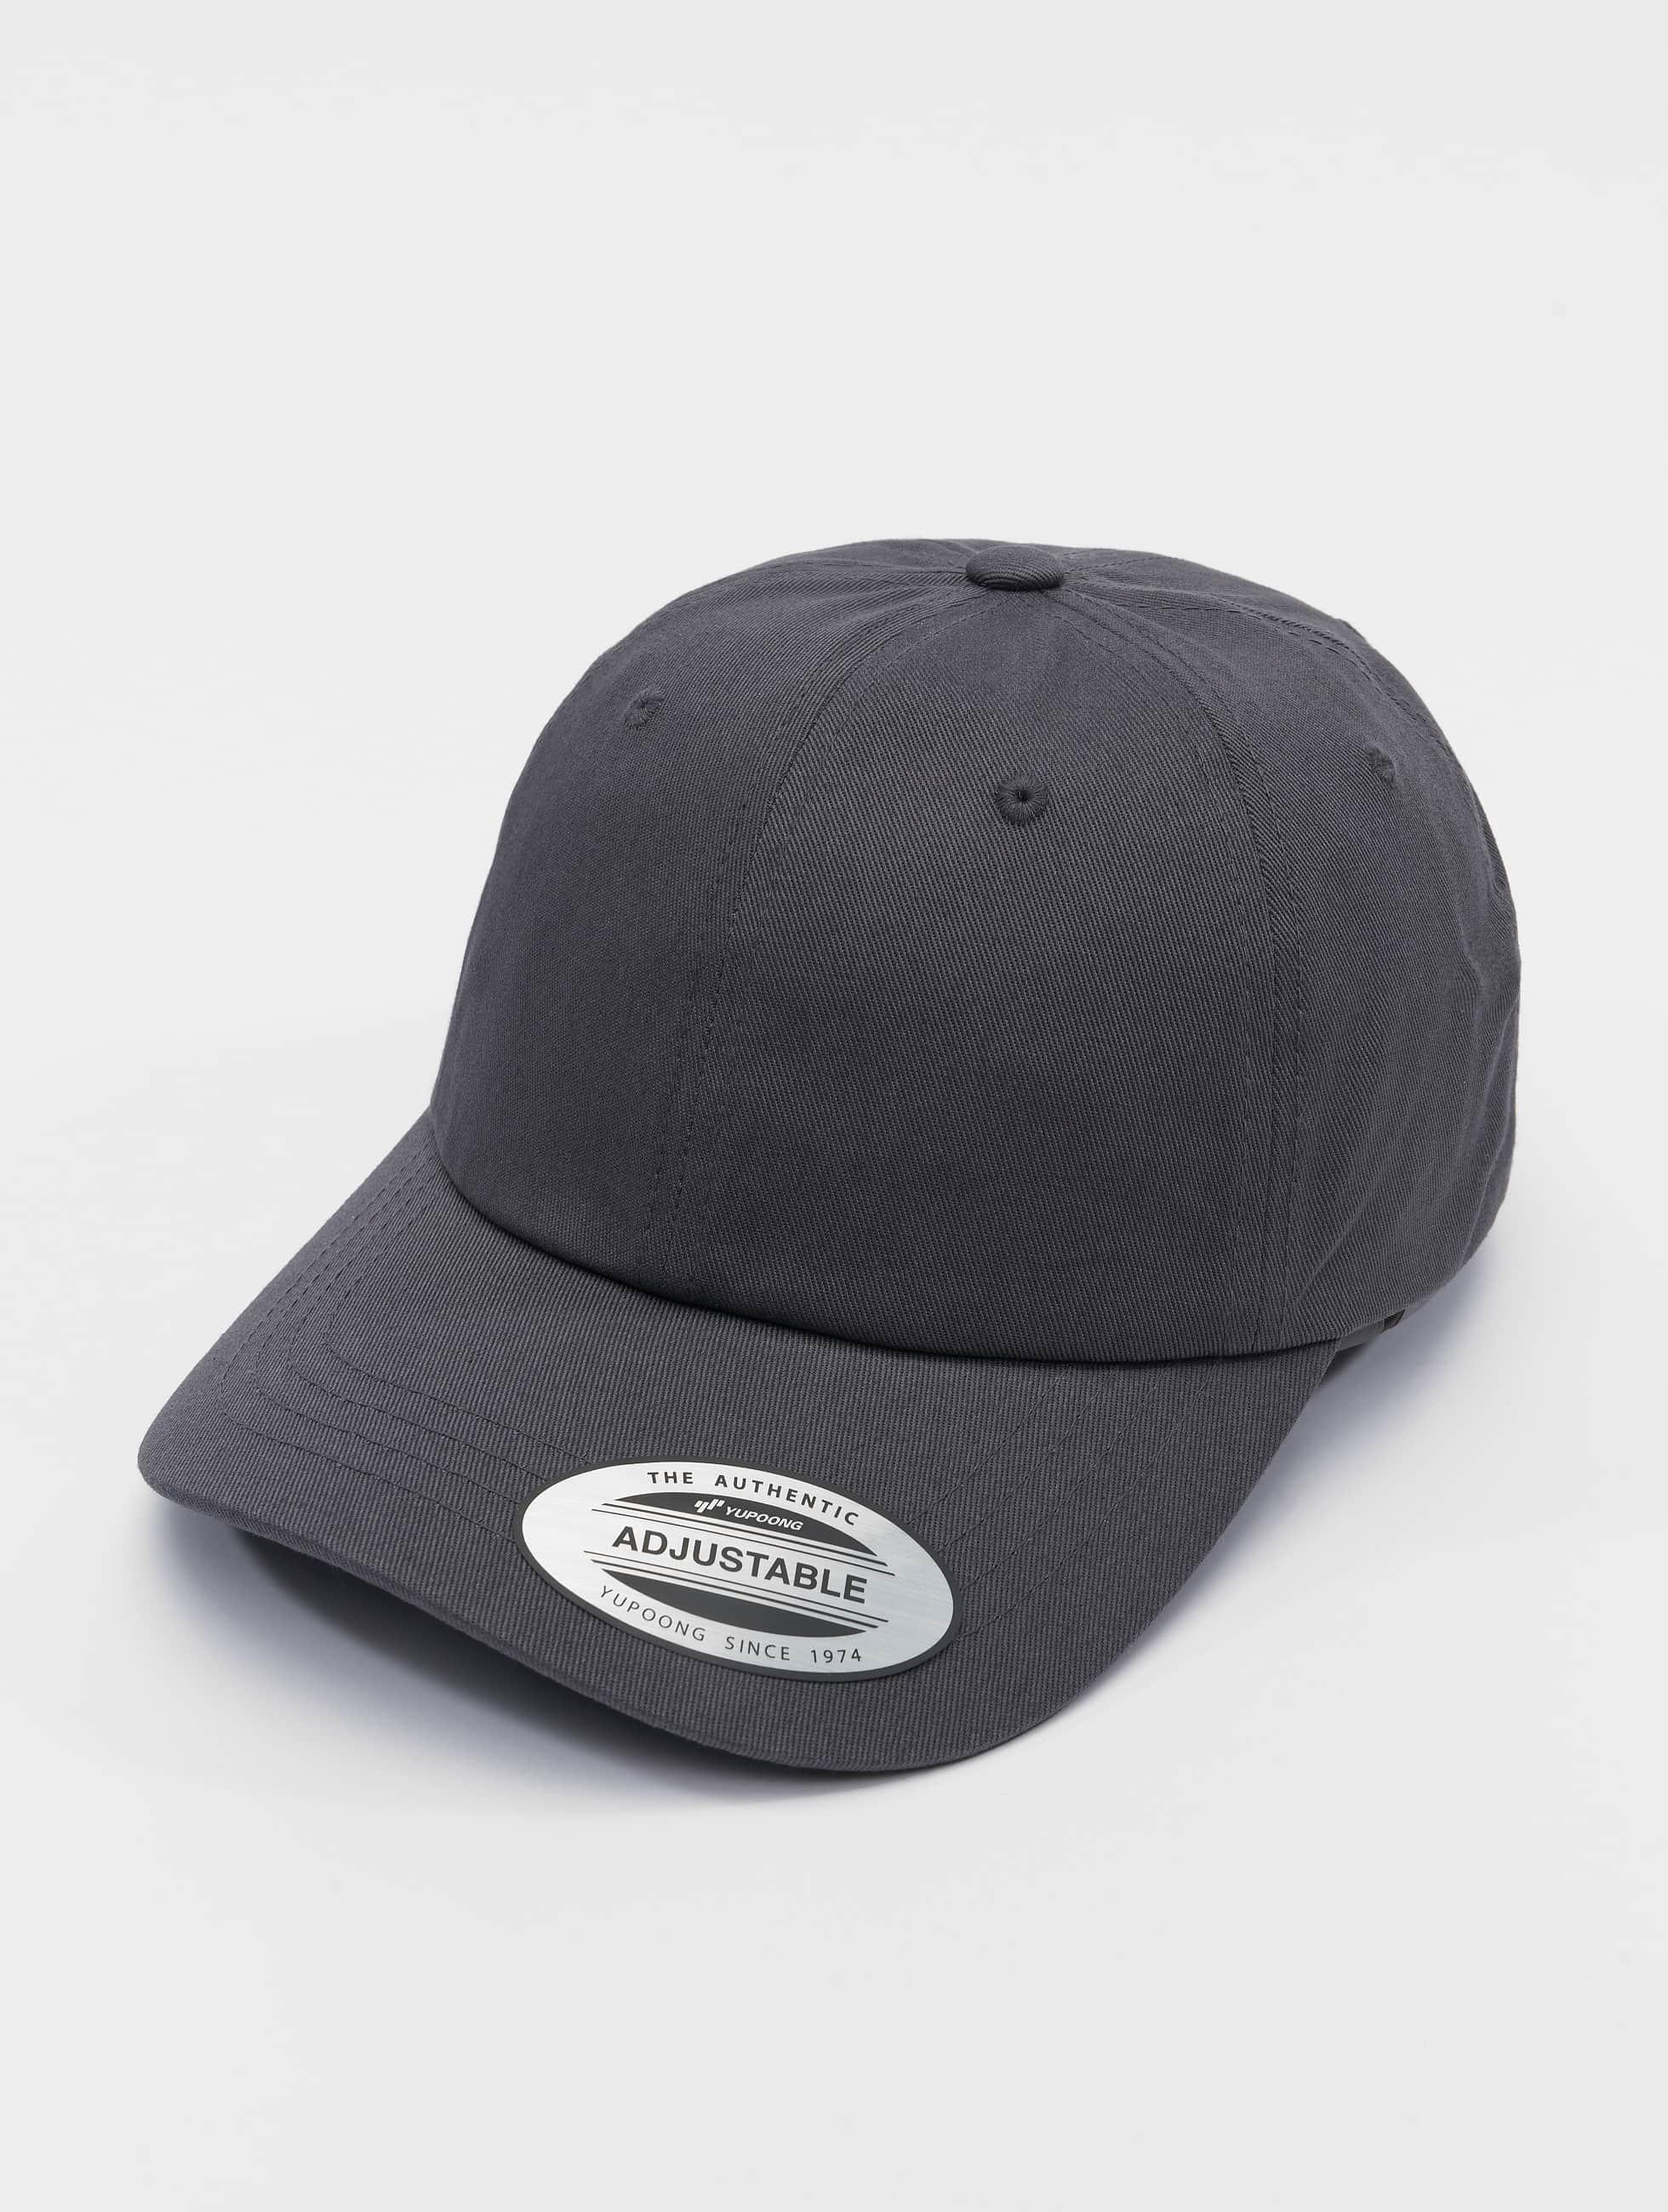 Flexfit-Homme-Casquettes-Snapback-Low-Profile-Cotton-Twil